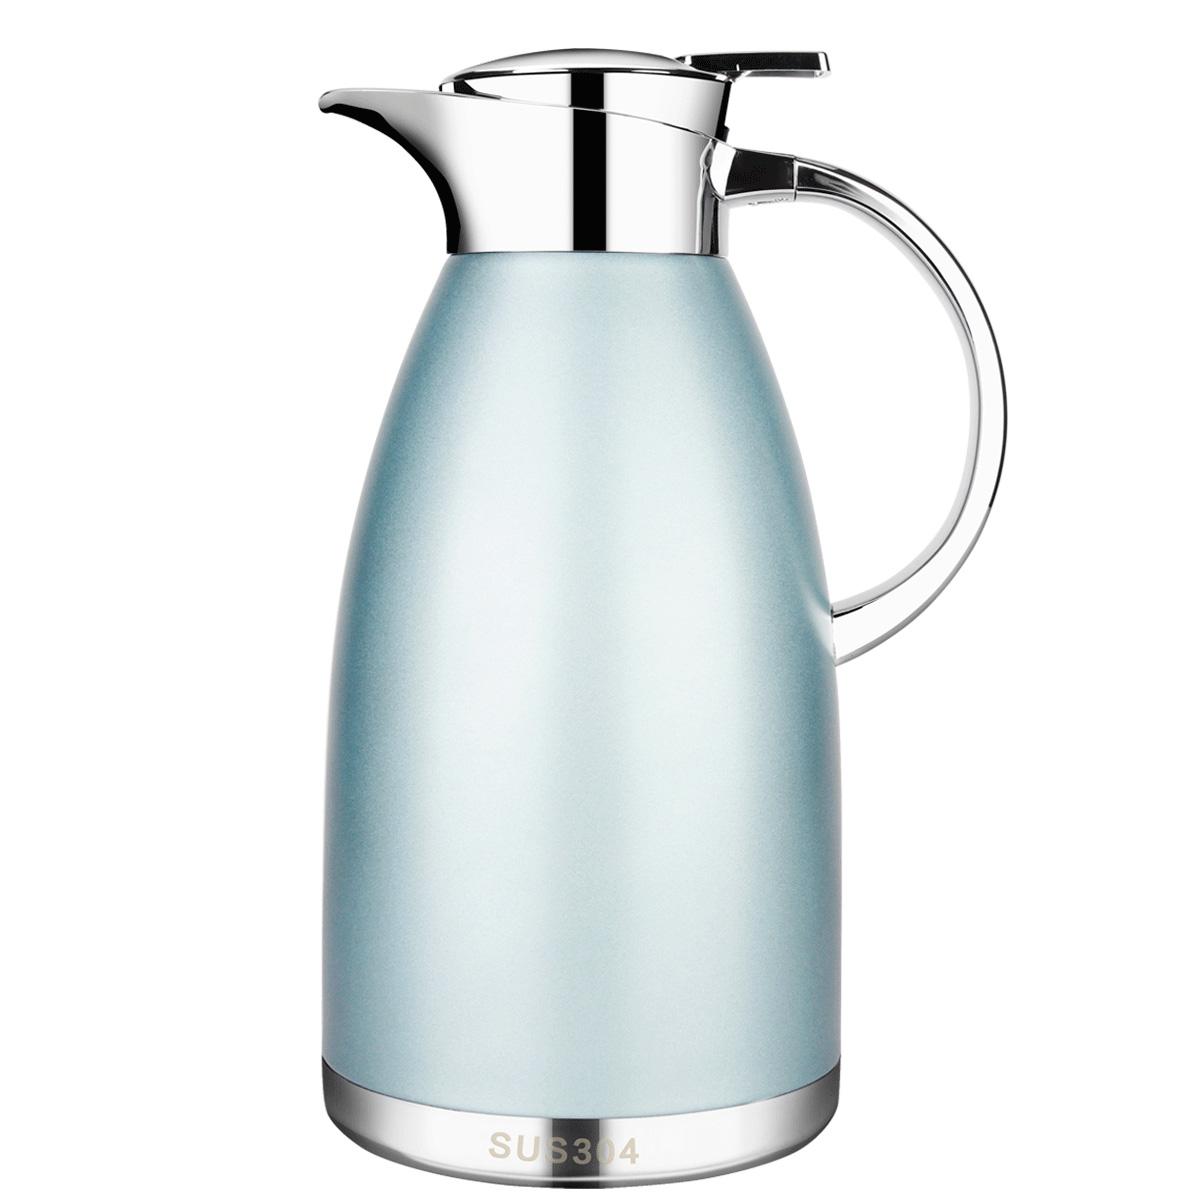 5CD保温壶家用保温瓶304不锈钢大容量户外欧式热水瓶杯暖水壶,可领取15元天猫优惠券